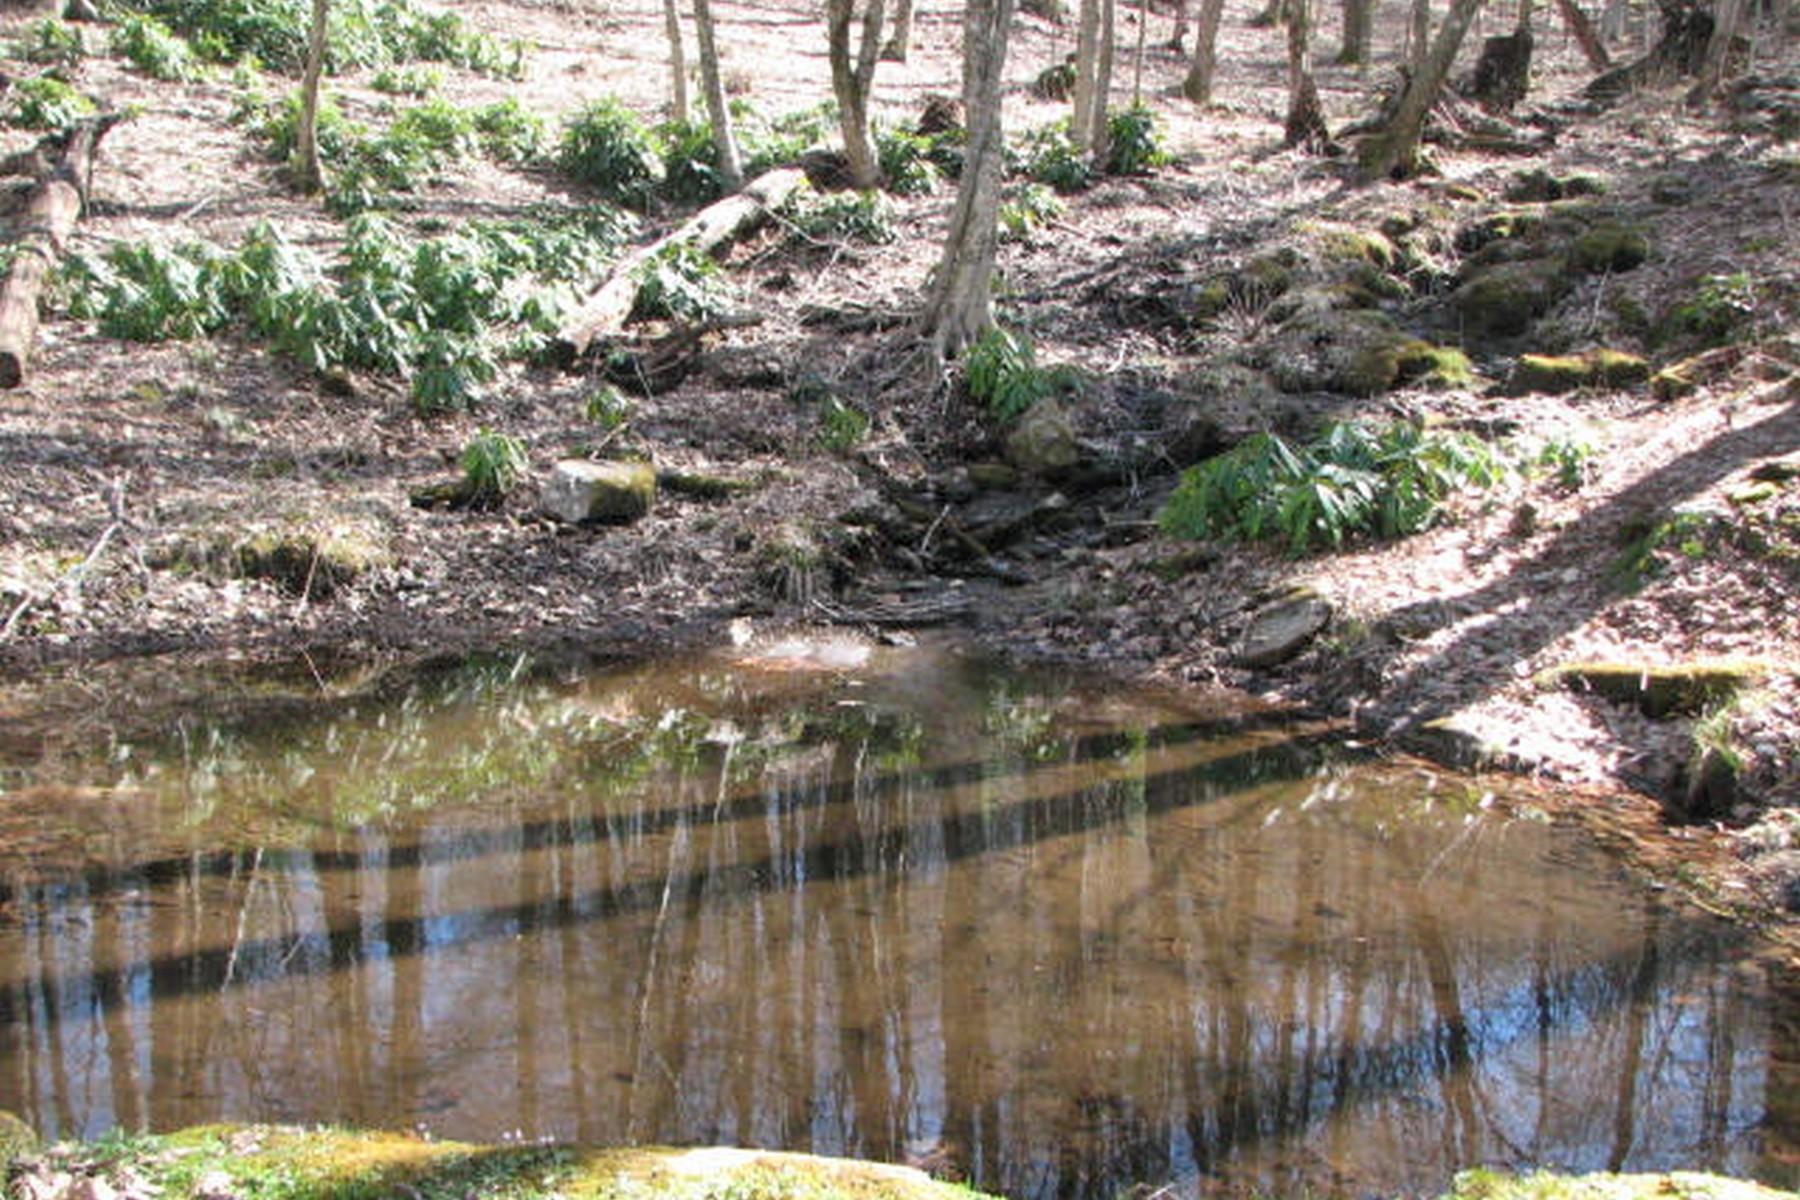 Land for Sale at Ridges of Highlands Lot 3 Historic Highlands Drive Highlands, North Carolina, 28741 United States